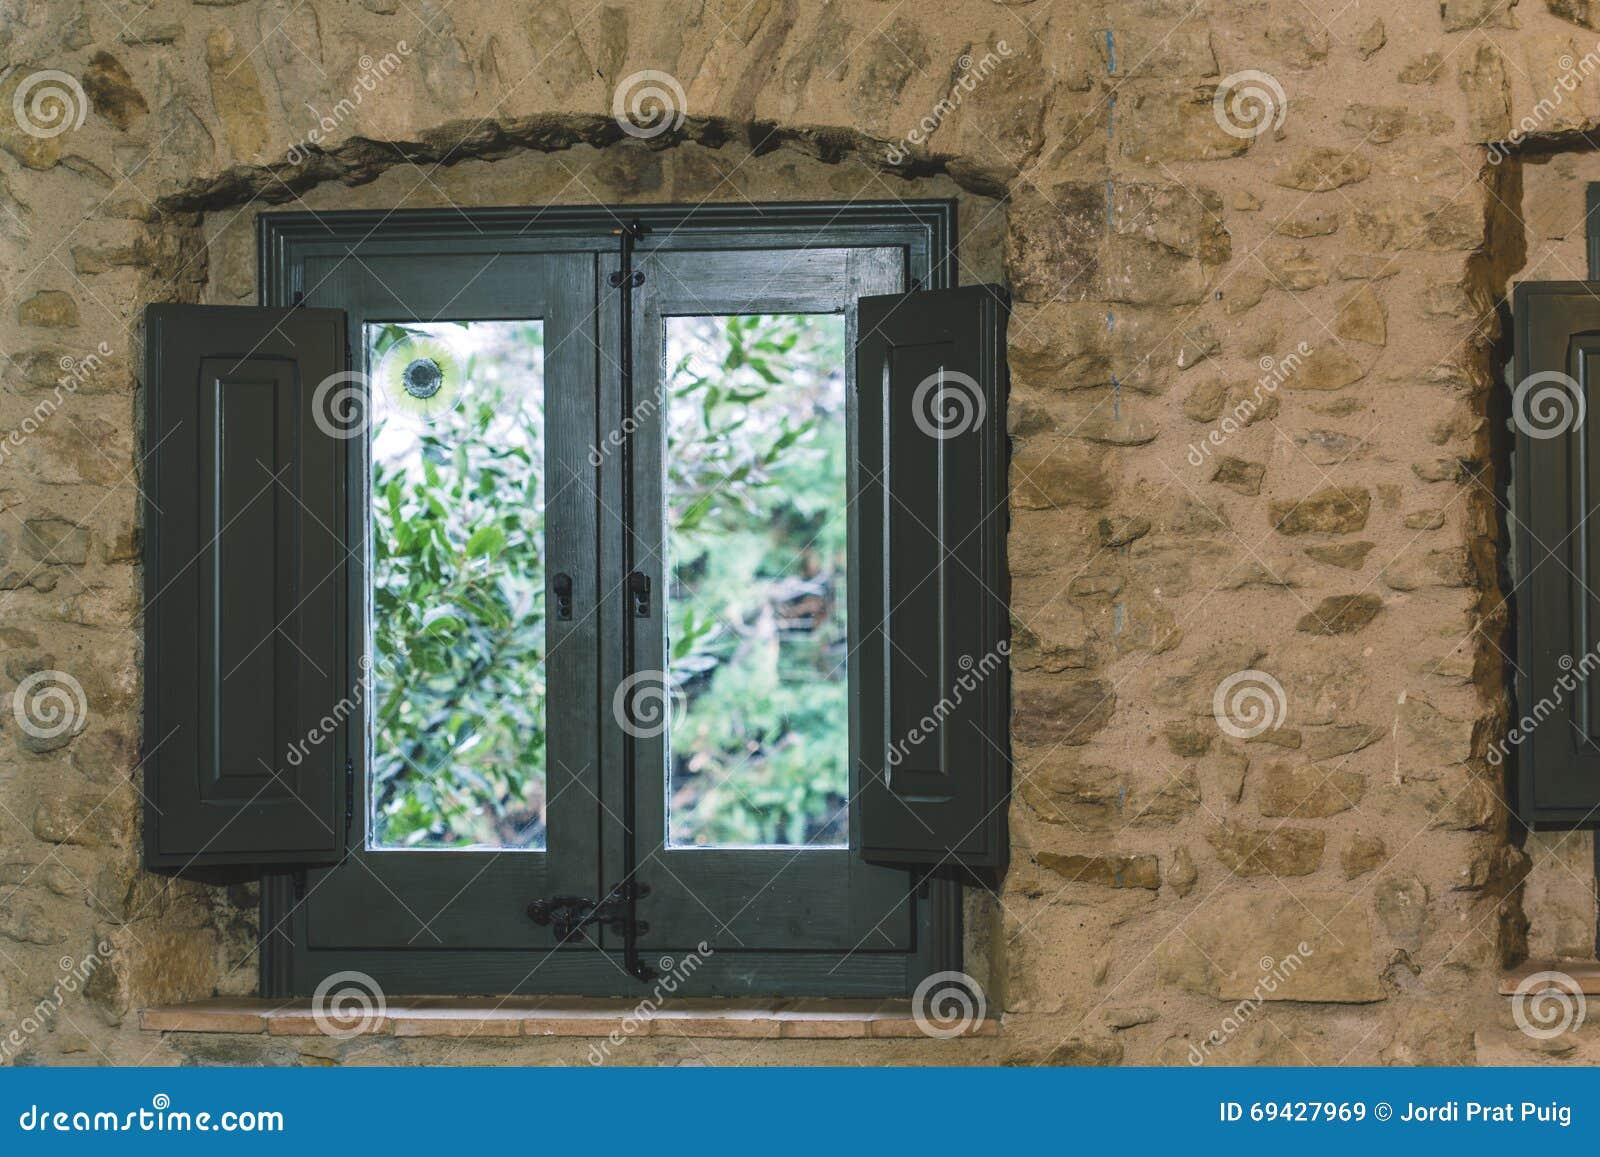 la vieille fen tre en bois verte s 39 est ferm e sur le mur en pierre photo stock image 69427969. Black Bedroom Furniture Sets. Home Design Ideas